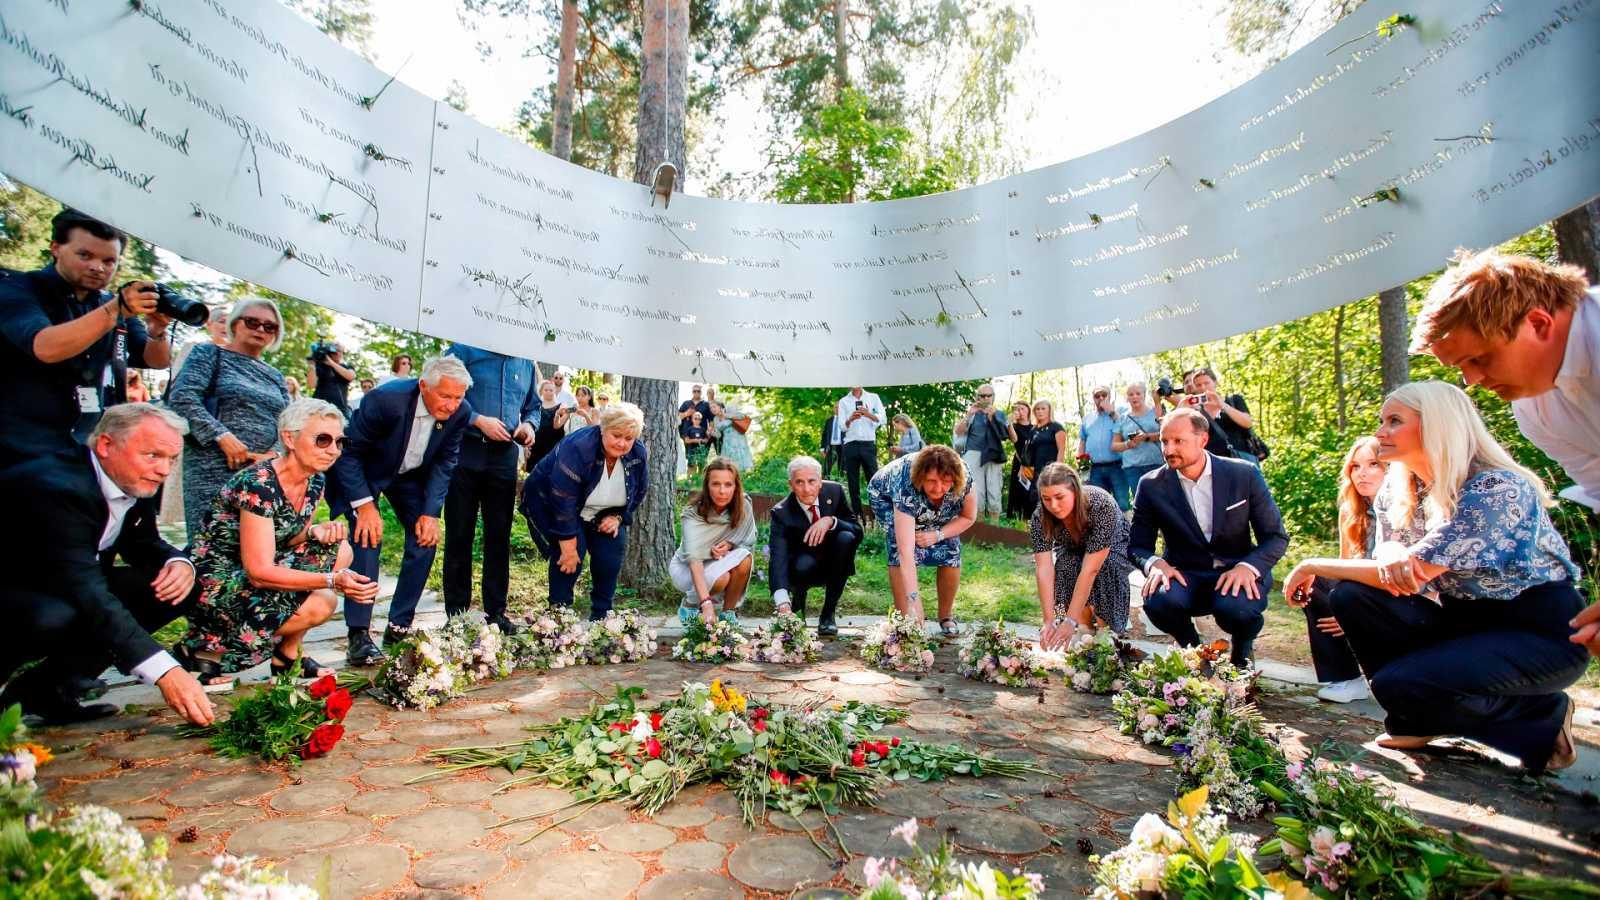 Diez años del peor atentado en la historia de Noruega: la matanza de Utoya